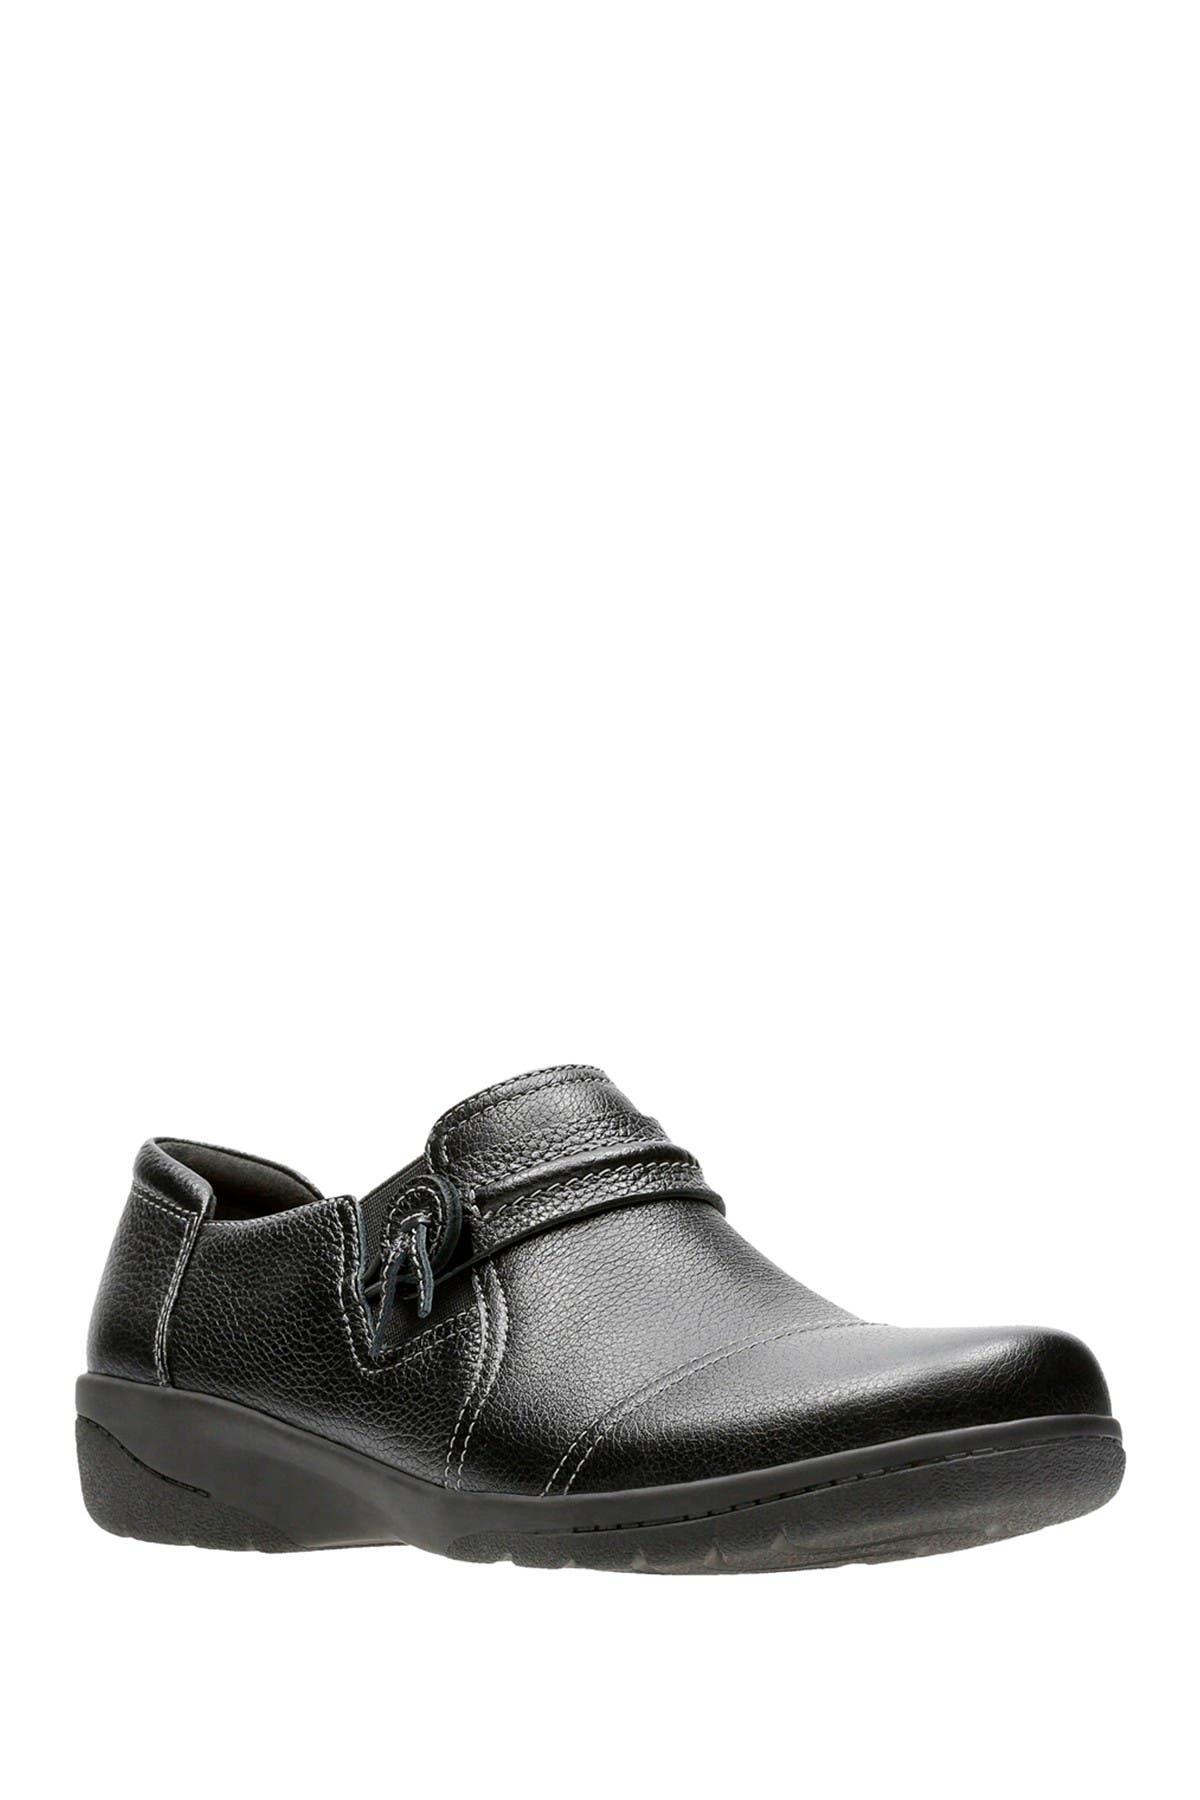 Clarks   Cheyn Madi Leather Slip-On